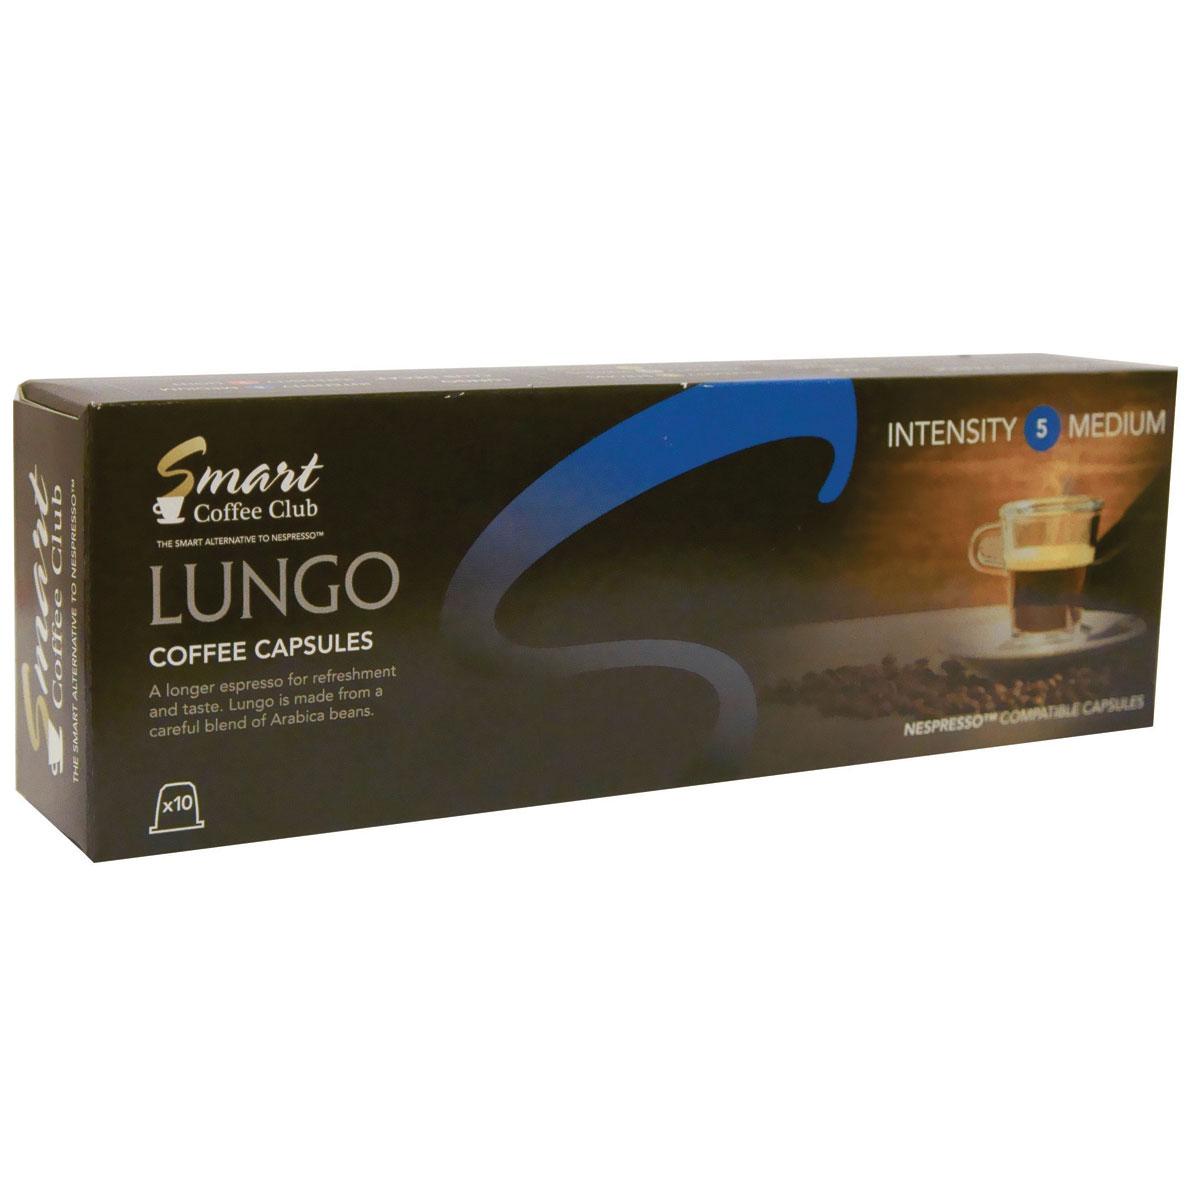 где купить Smart Coffee Club Lungo кофе в капсулах, 10 штук по лучшей цене